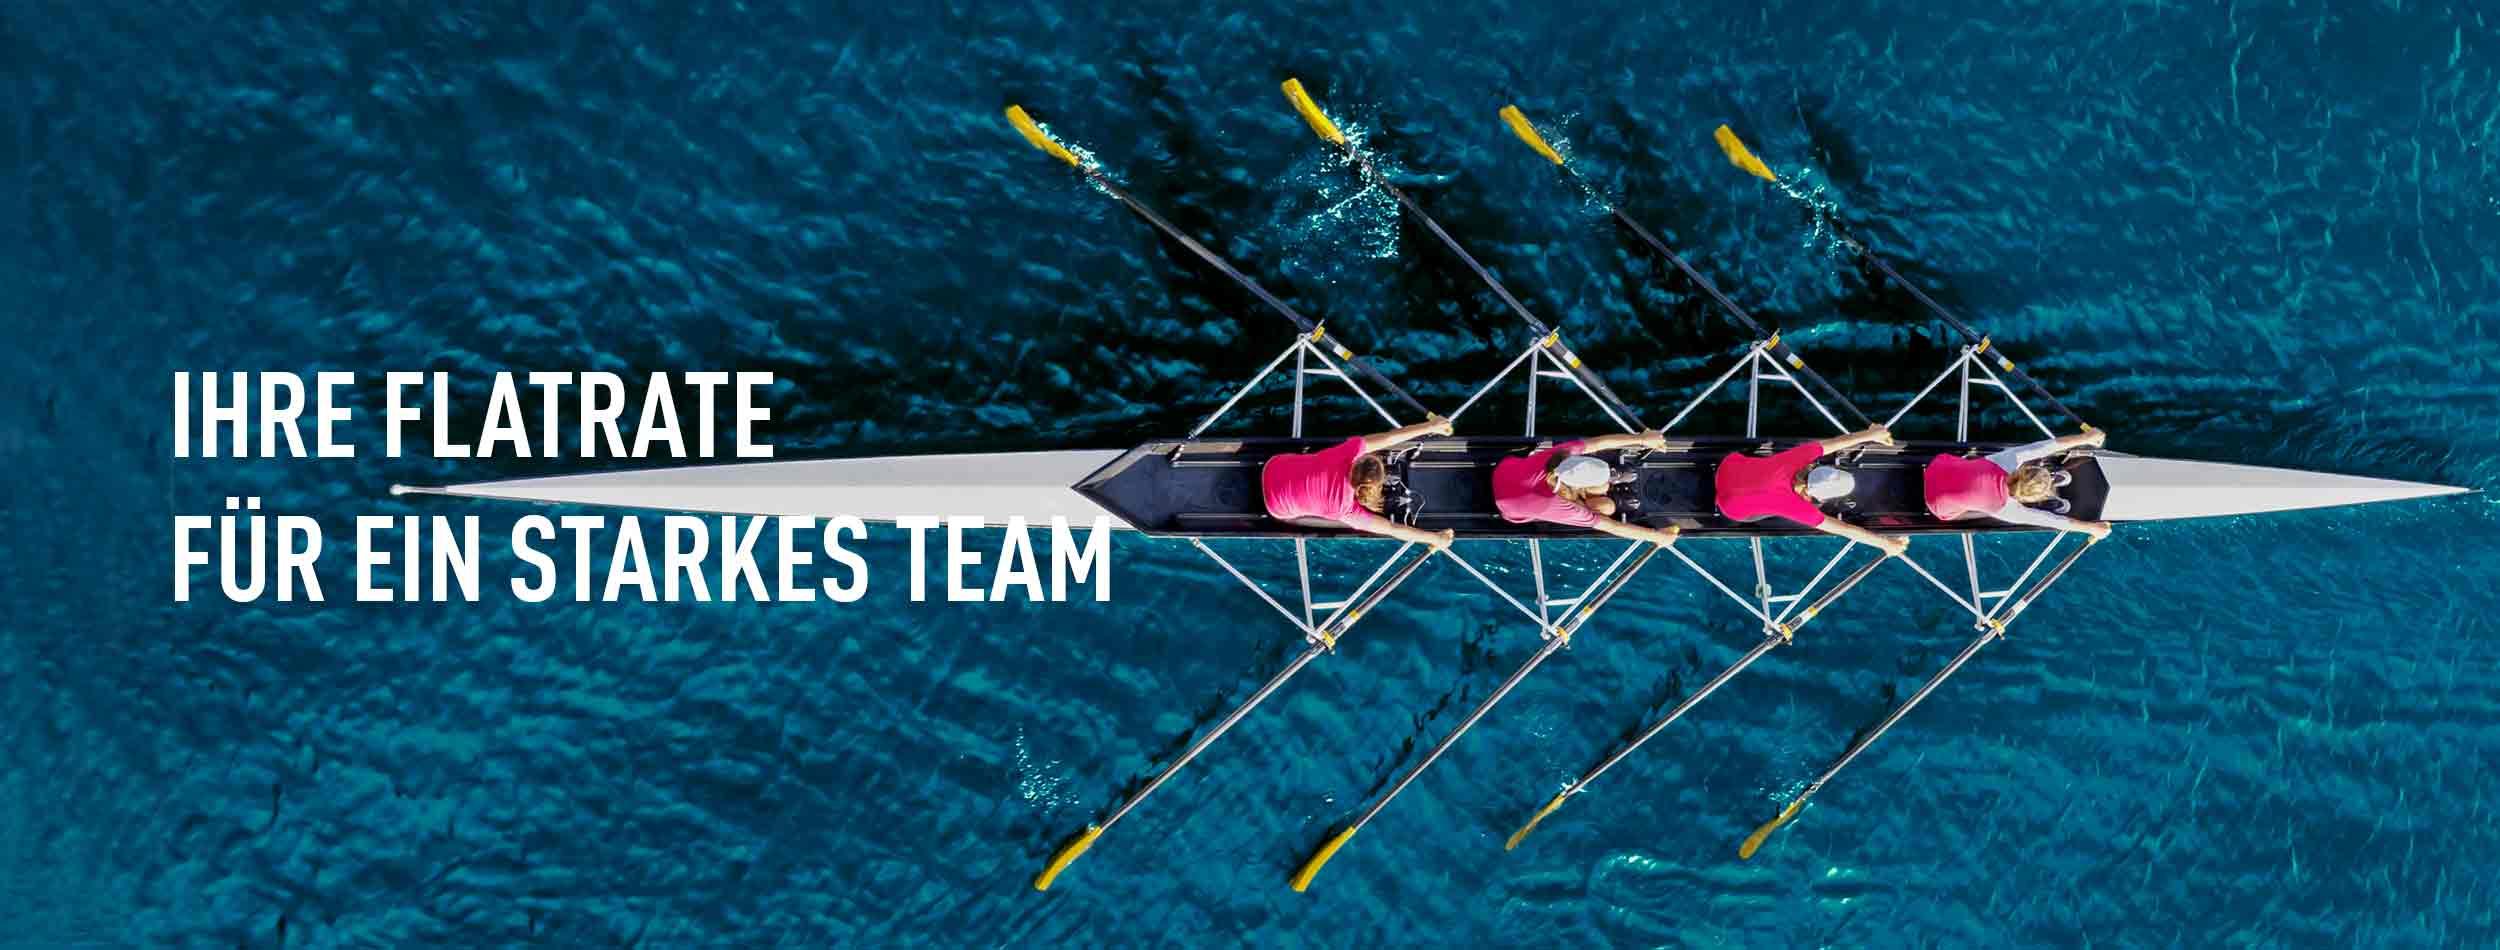 Ein starkes Team das gemeinsam rudert: Arbeitgeberpräsenz und Stellenschaltung